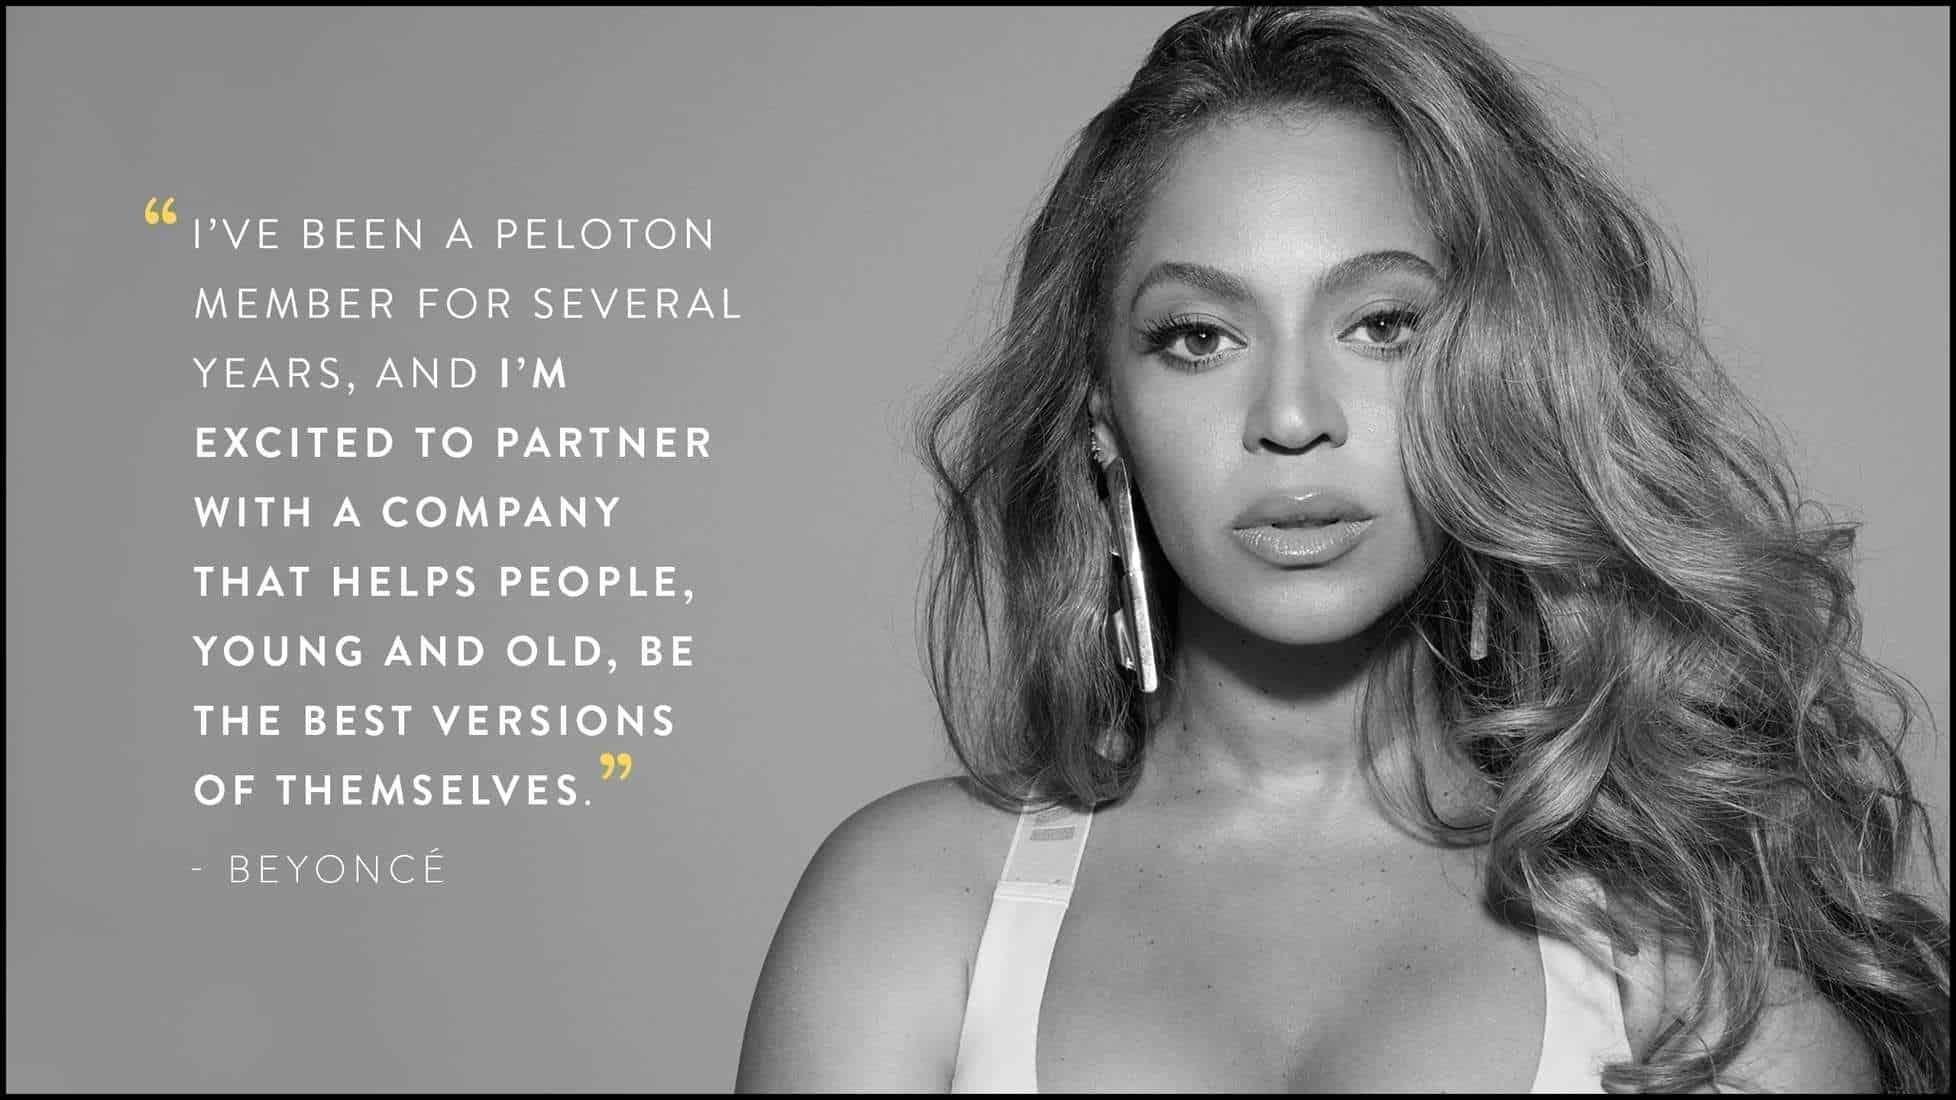 Beyoncé and Peloton partnership - Artist Series workouts - Announcement